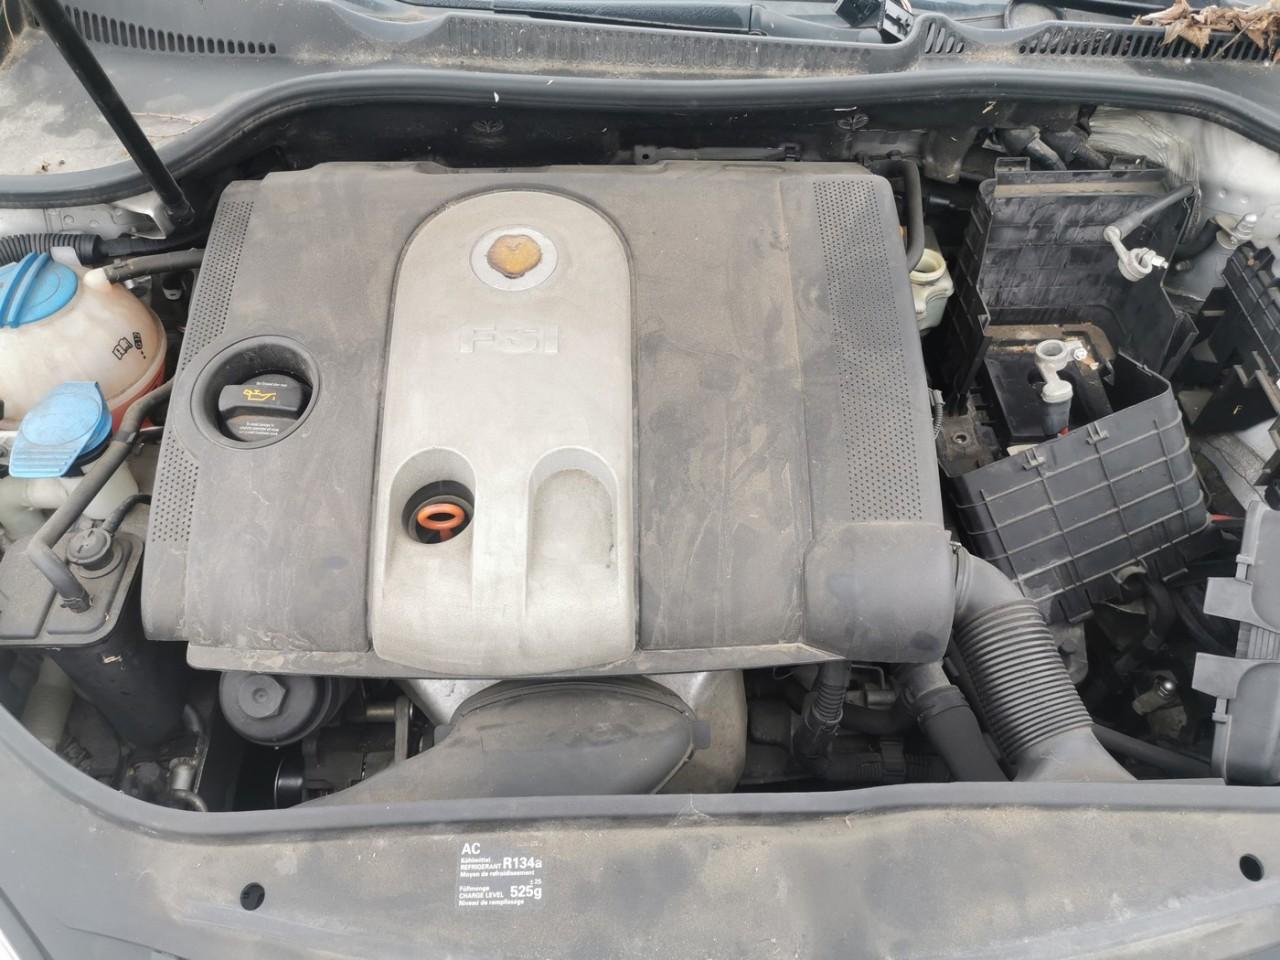 Volkswagen Golf 5 1.6fsi tip BLF, cutie de viteze manuala 6+1trepte